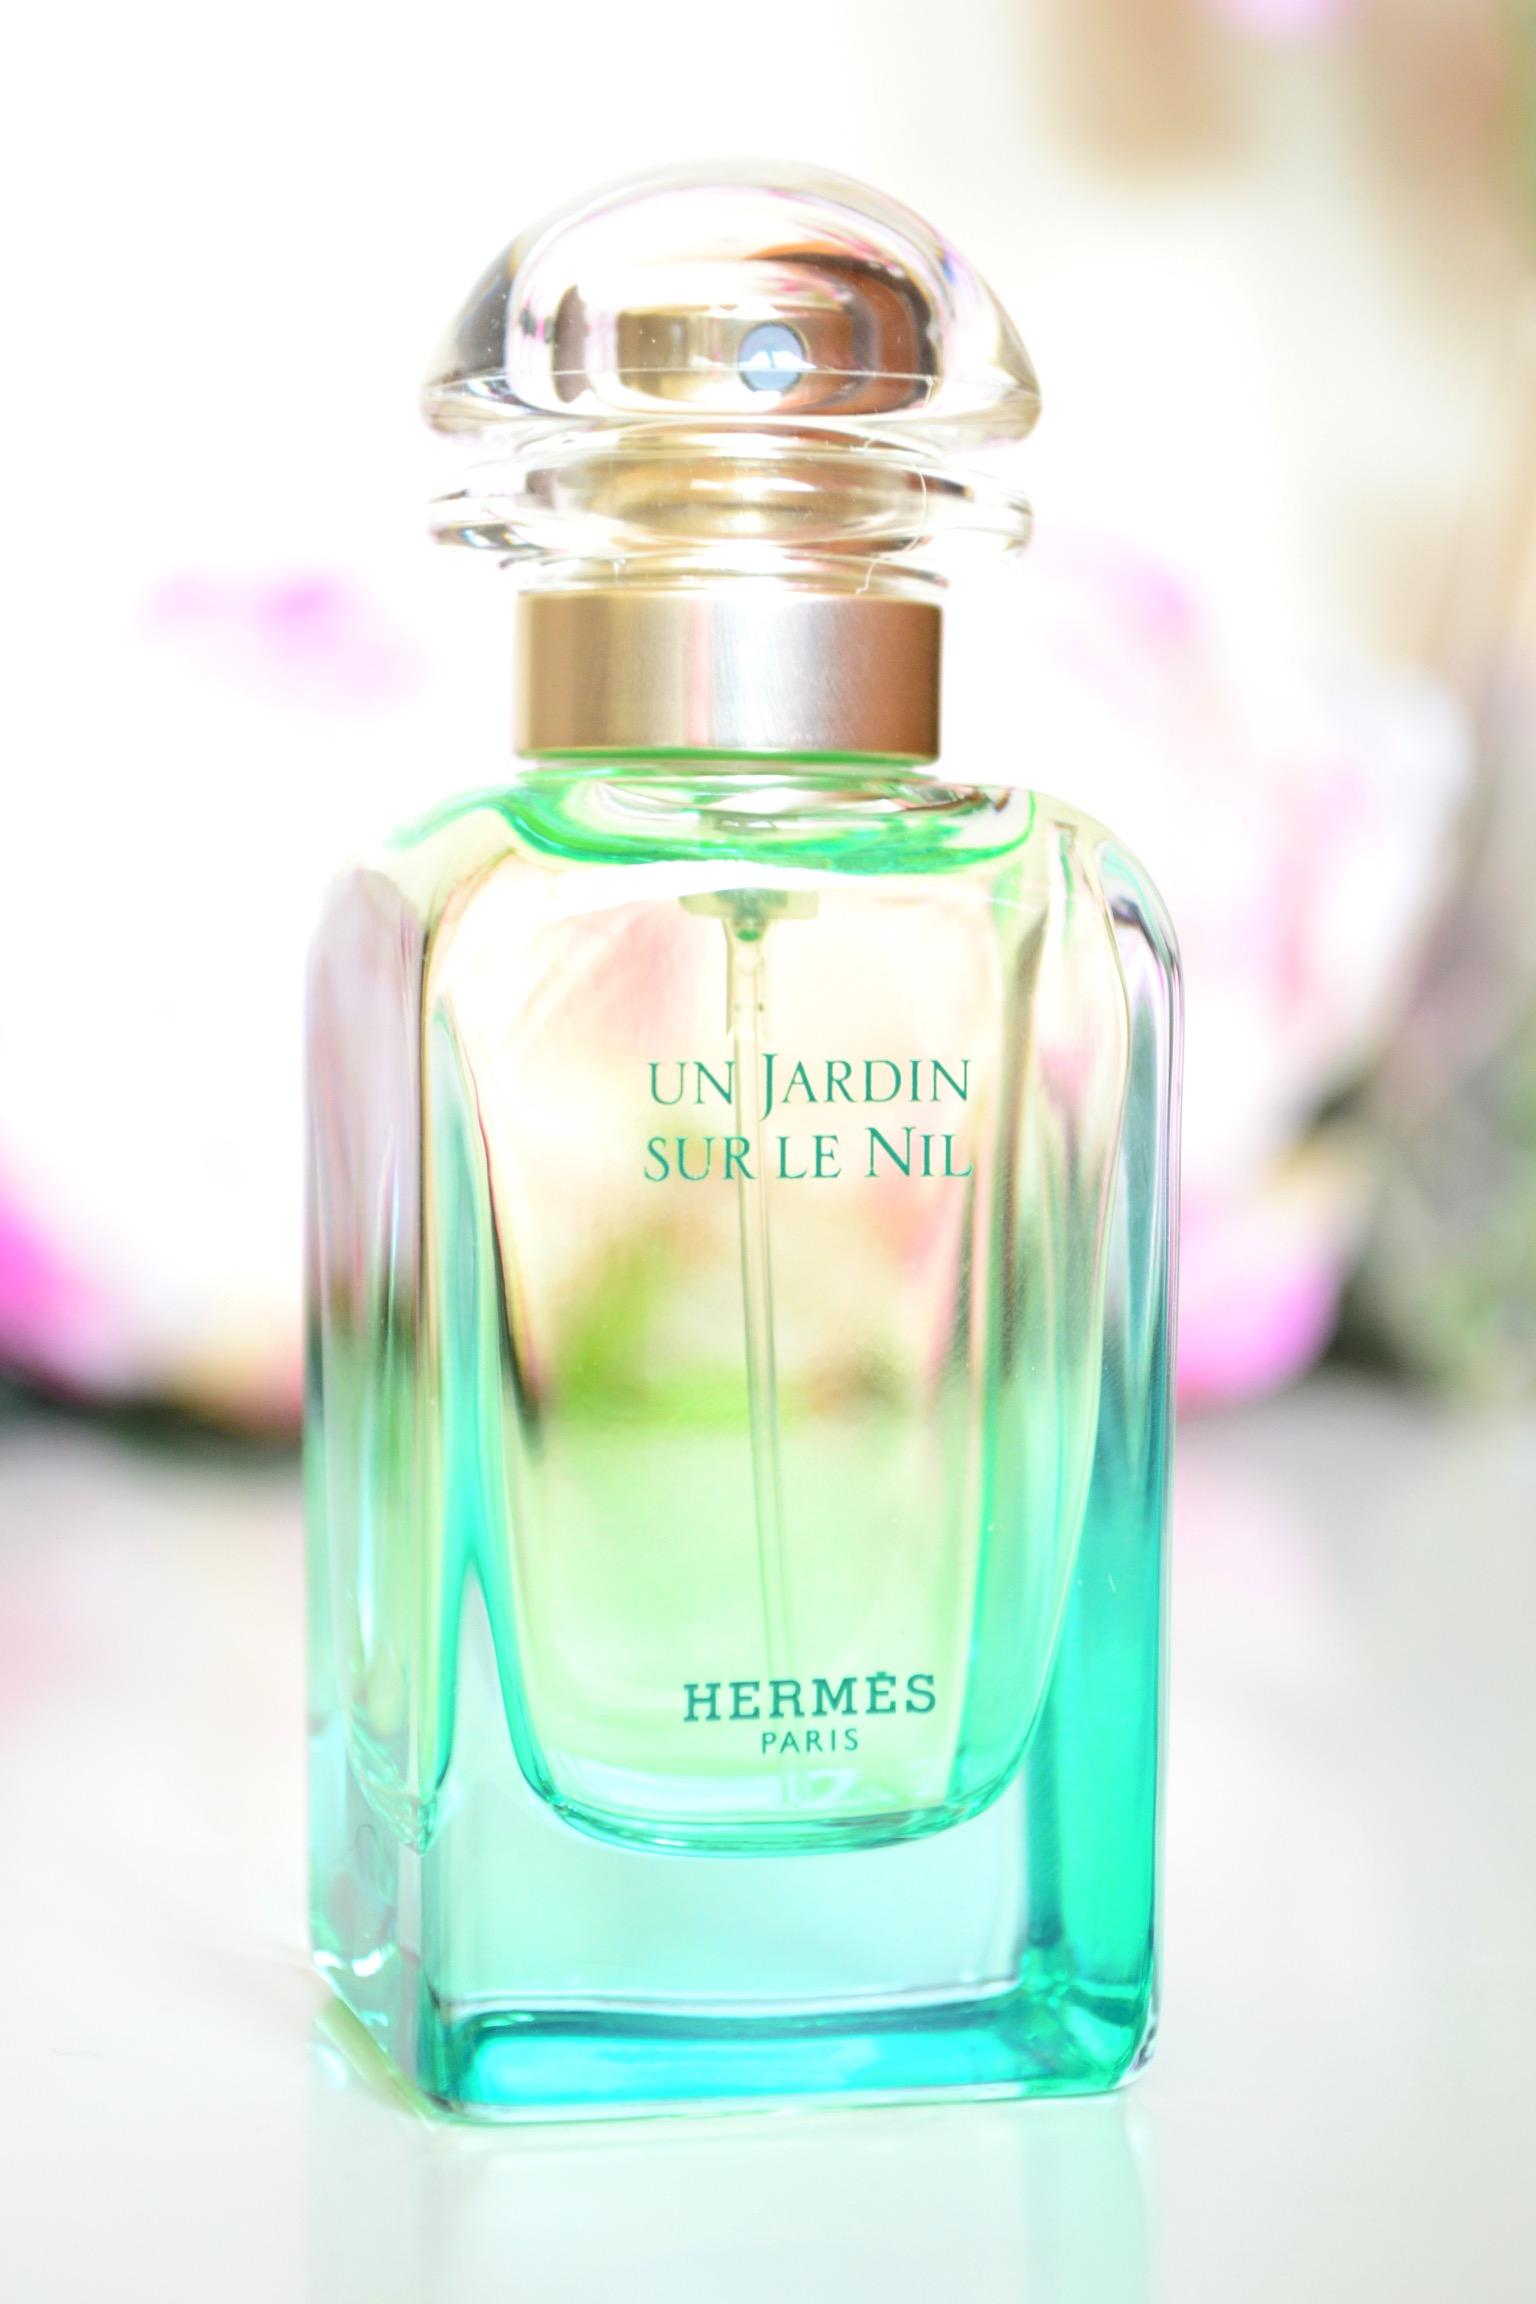 hermes-un-jardin-sur-le-nil-perfume-blog-review